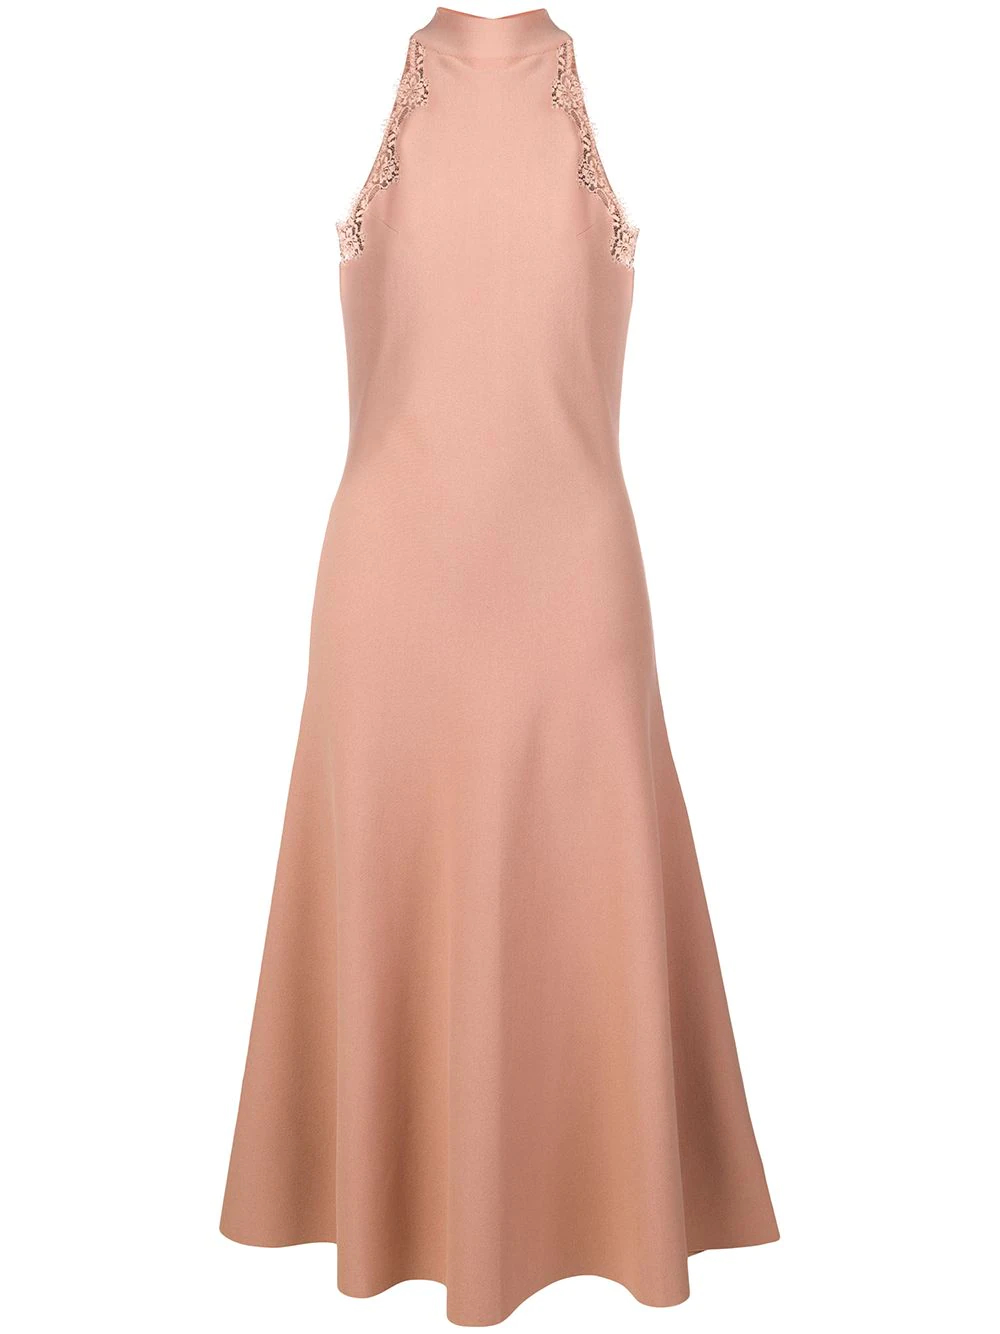 Stella McCartney | платье миди с кружевной отделкой | Clouty